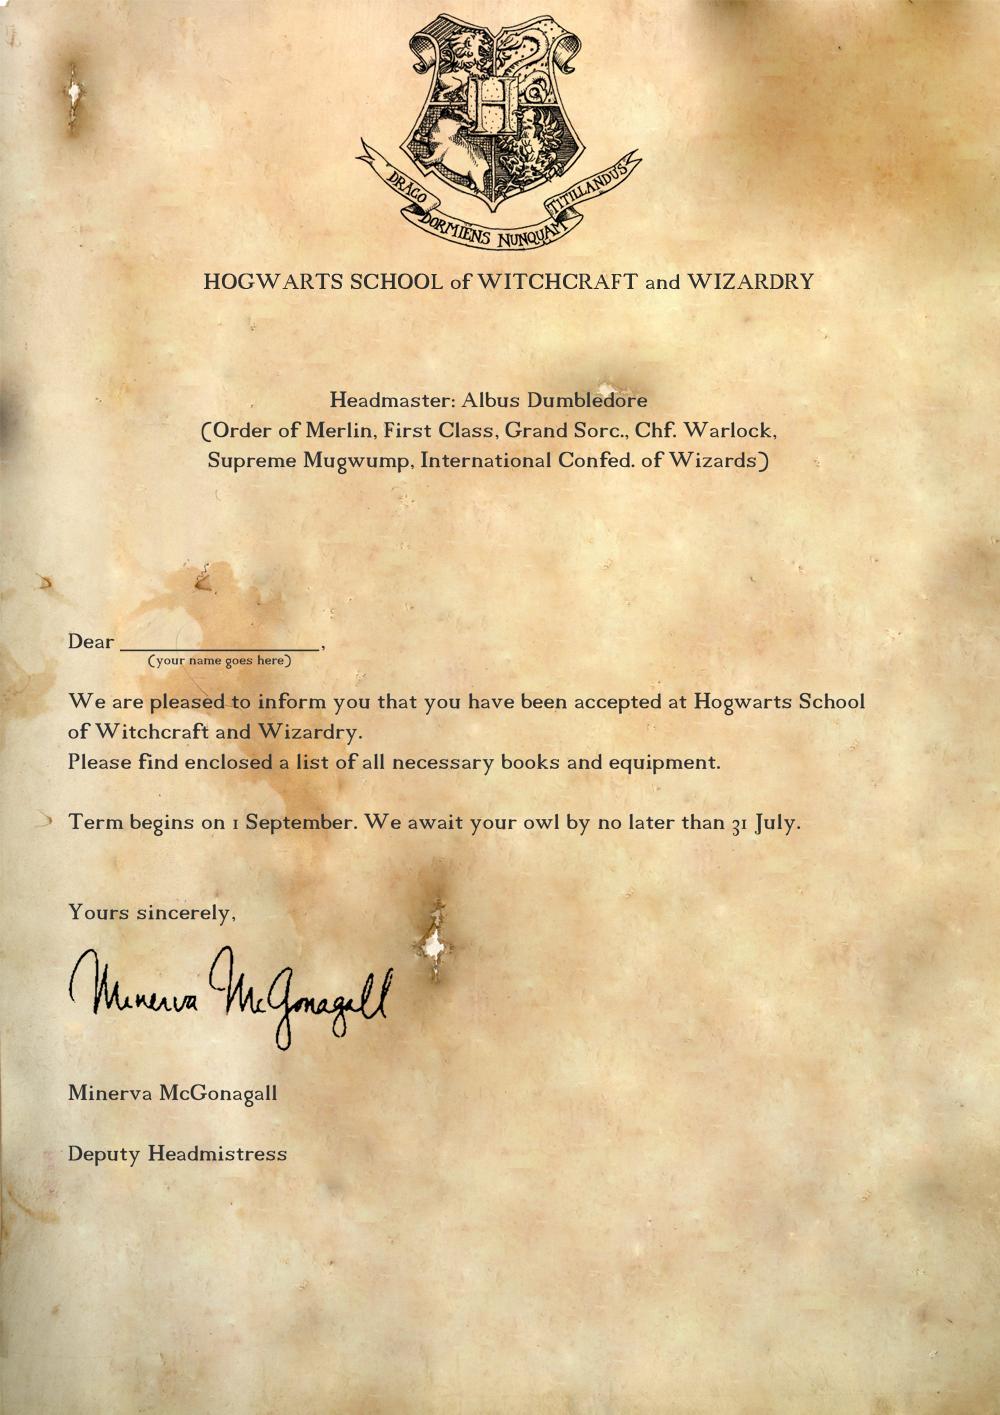 hogwarts acceptance letter template google docs  Pin en Mundo Mágico de Jk - hogwarts acceptance letter template google docs